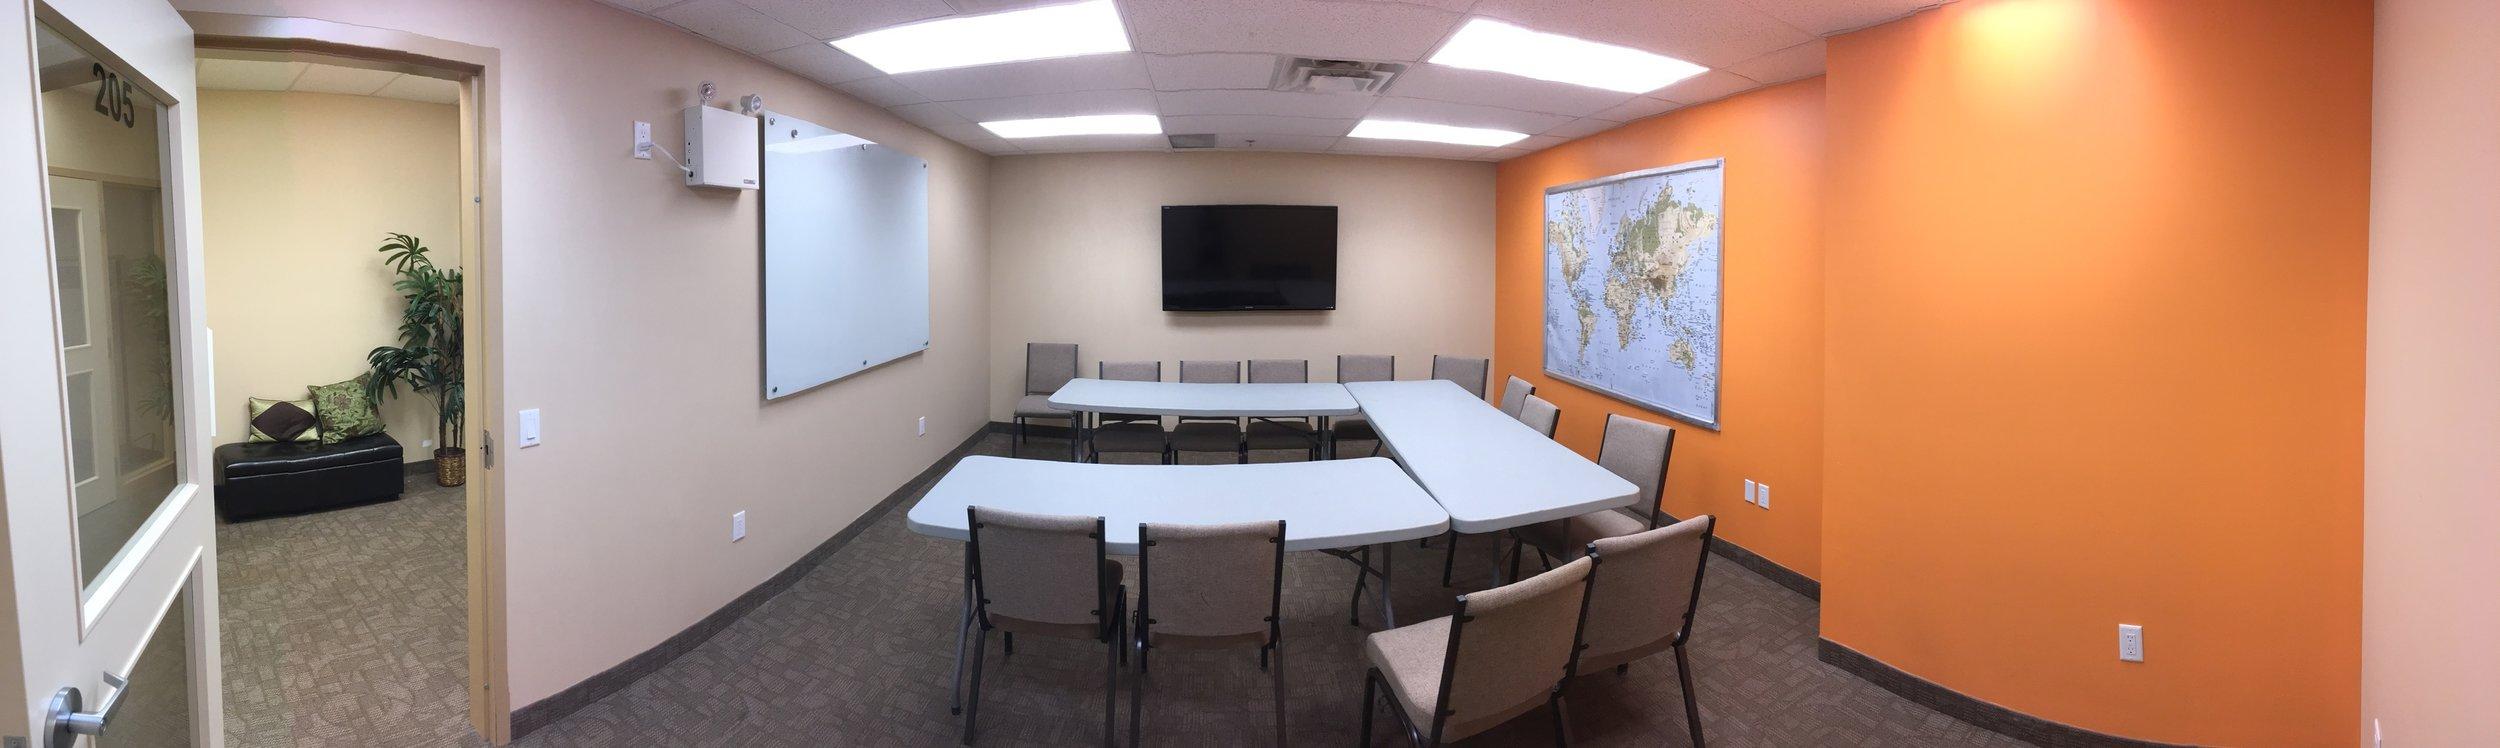 Room 205 - view 1JPG.jpg